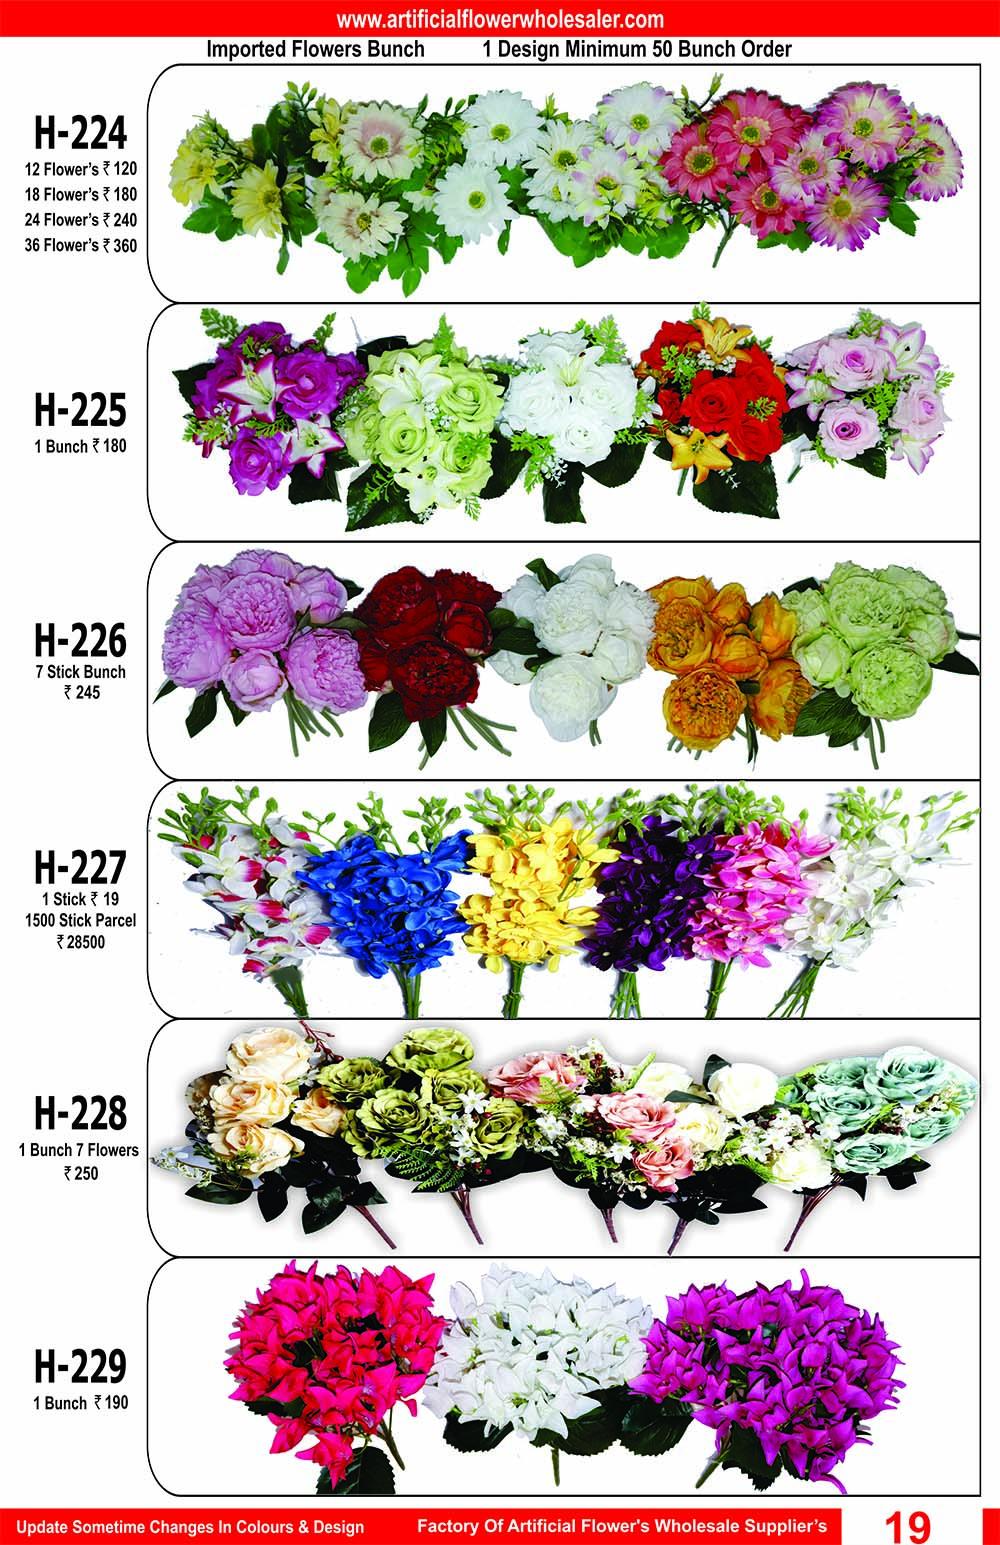 19-artificial-flower-wholesaler